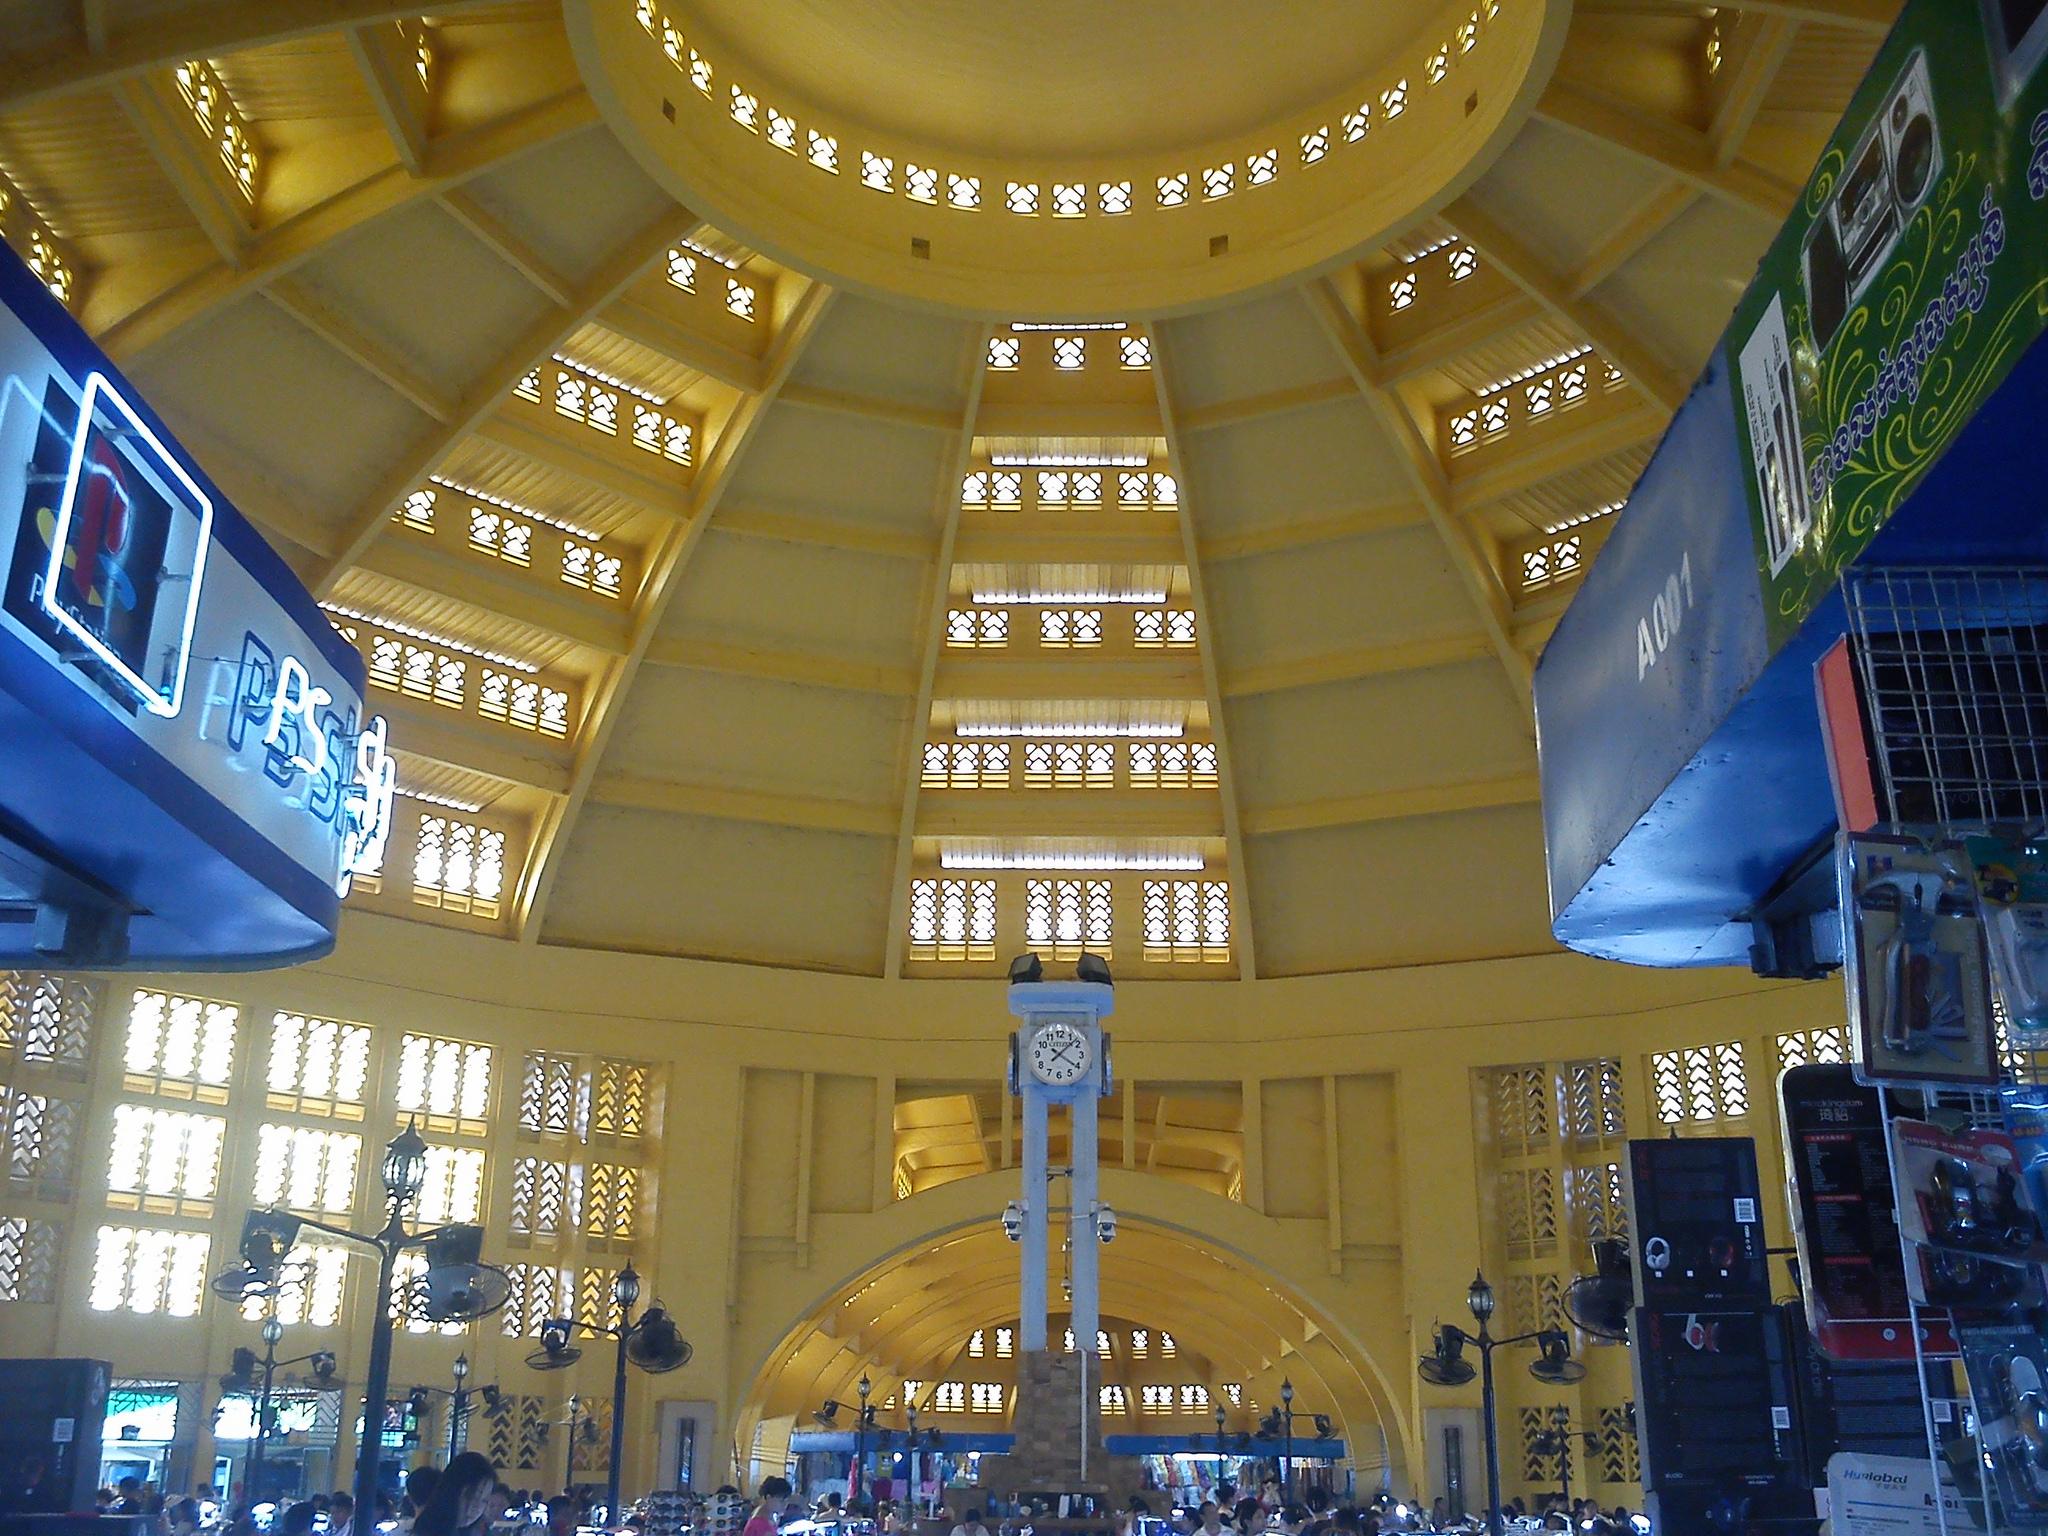 l'interno del mercato Centrale di Phnom Penh